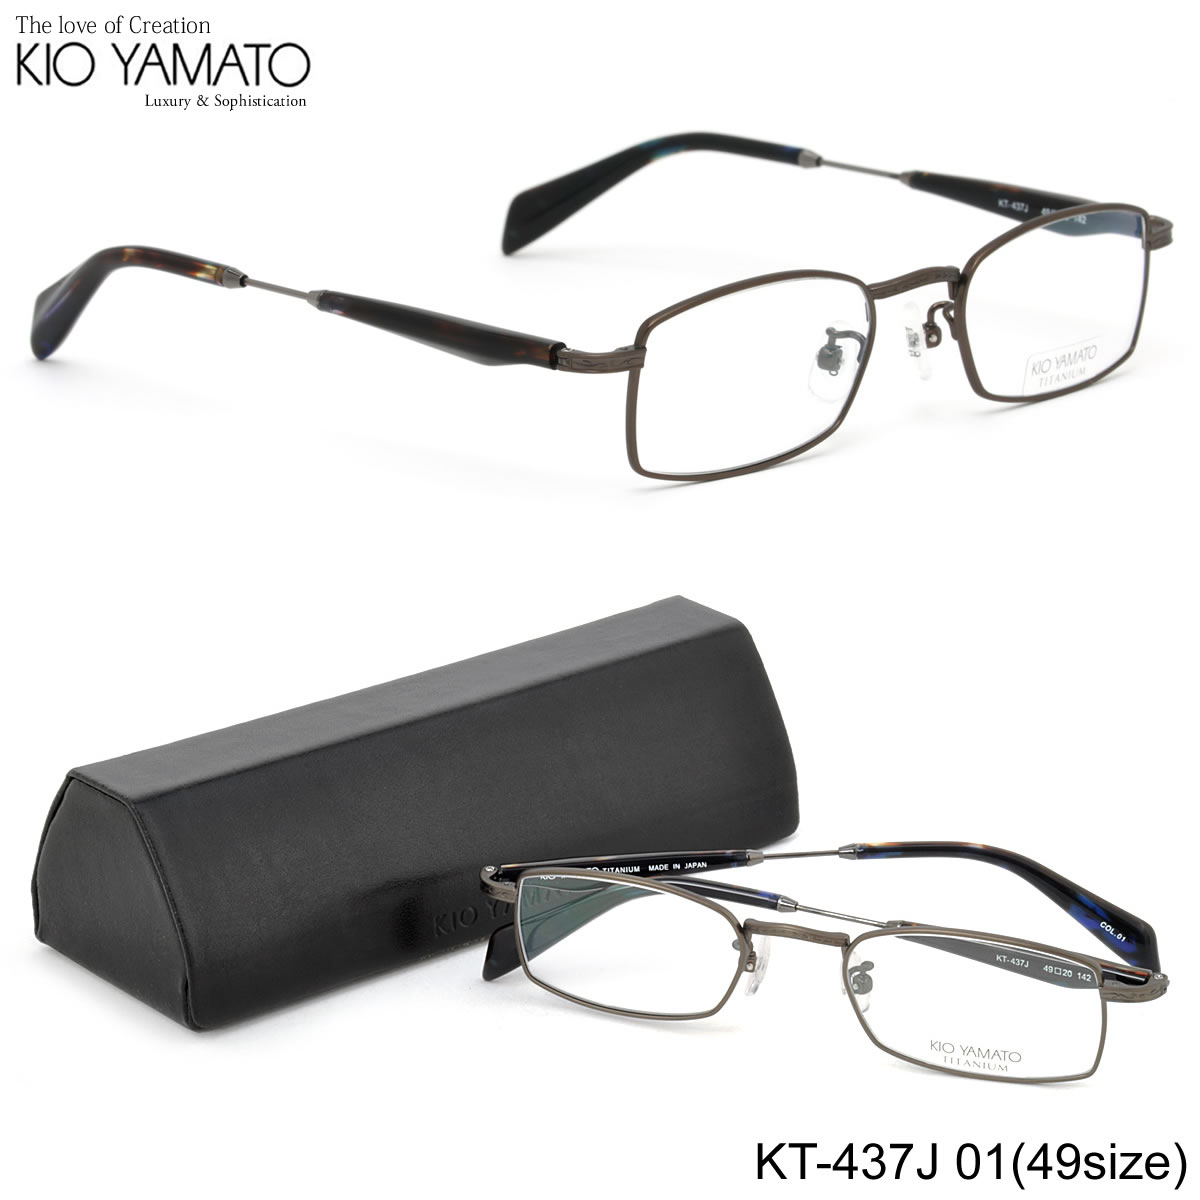 【KIO YAMATO】(キオヤマト) メガネ フレーム KT-437J 01 49サイズ ペンタゴン チタン 日本製 眼鏡 キオヤマト KIO YAMATO メンズ レディース:メガネ・サングラスのThat's